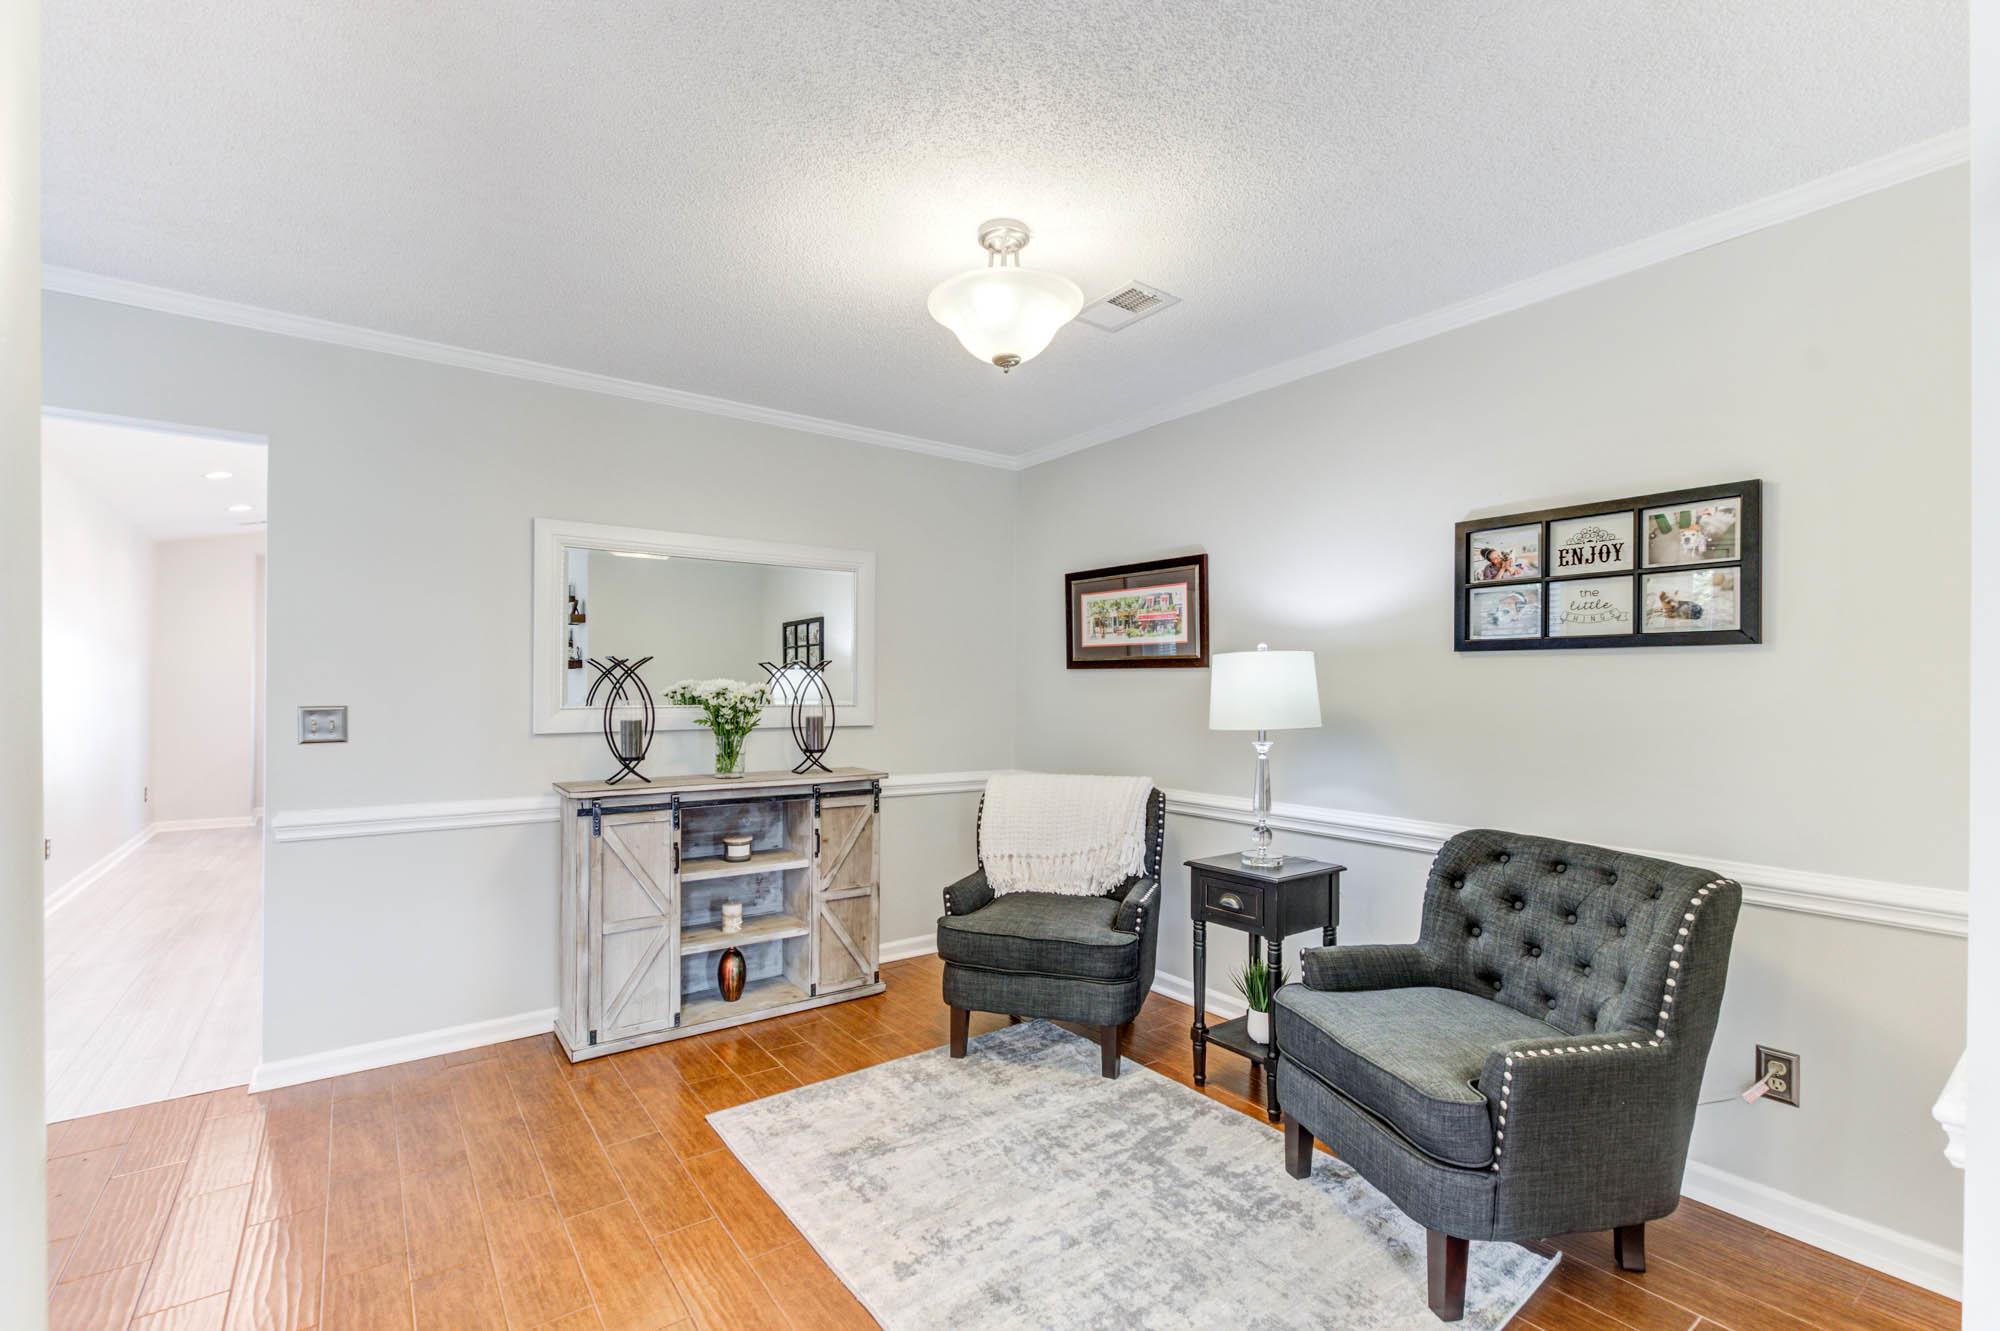 Chelsea Park Homes For Sale - 1309 Pilsdon, Mount Pleasant, SC - 15